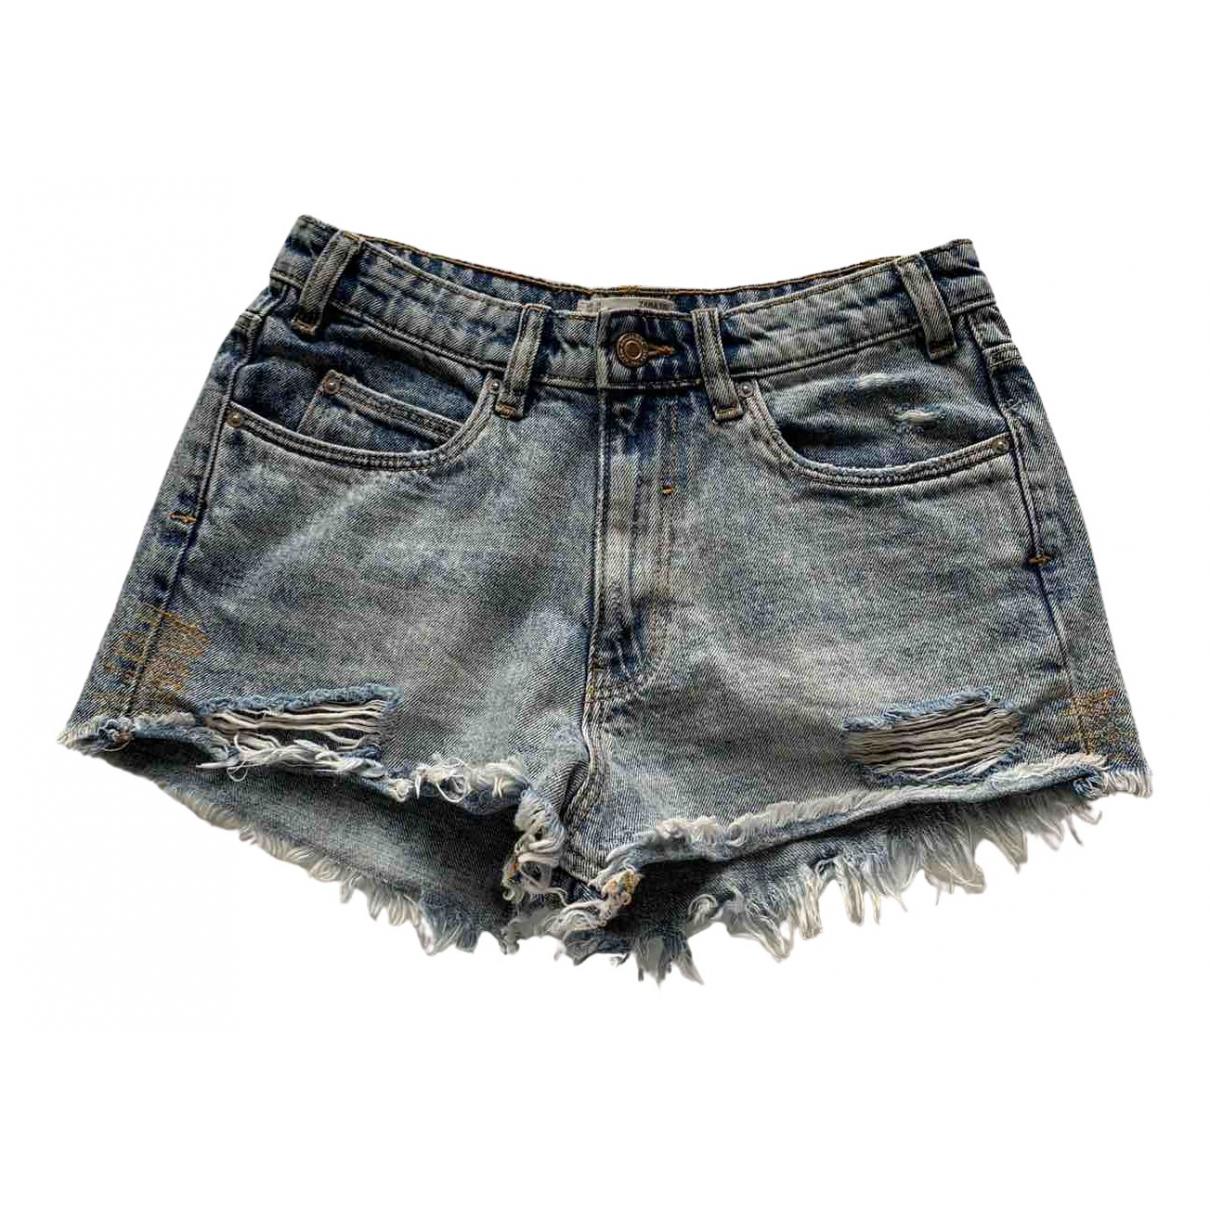 Zara \N Shorts in Denim - Jeans